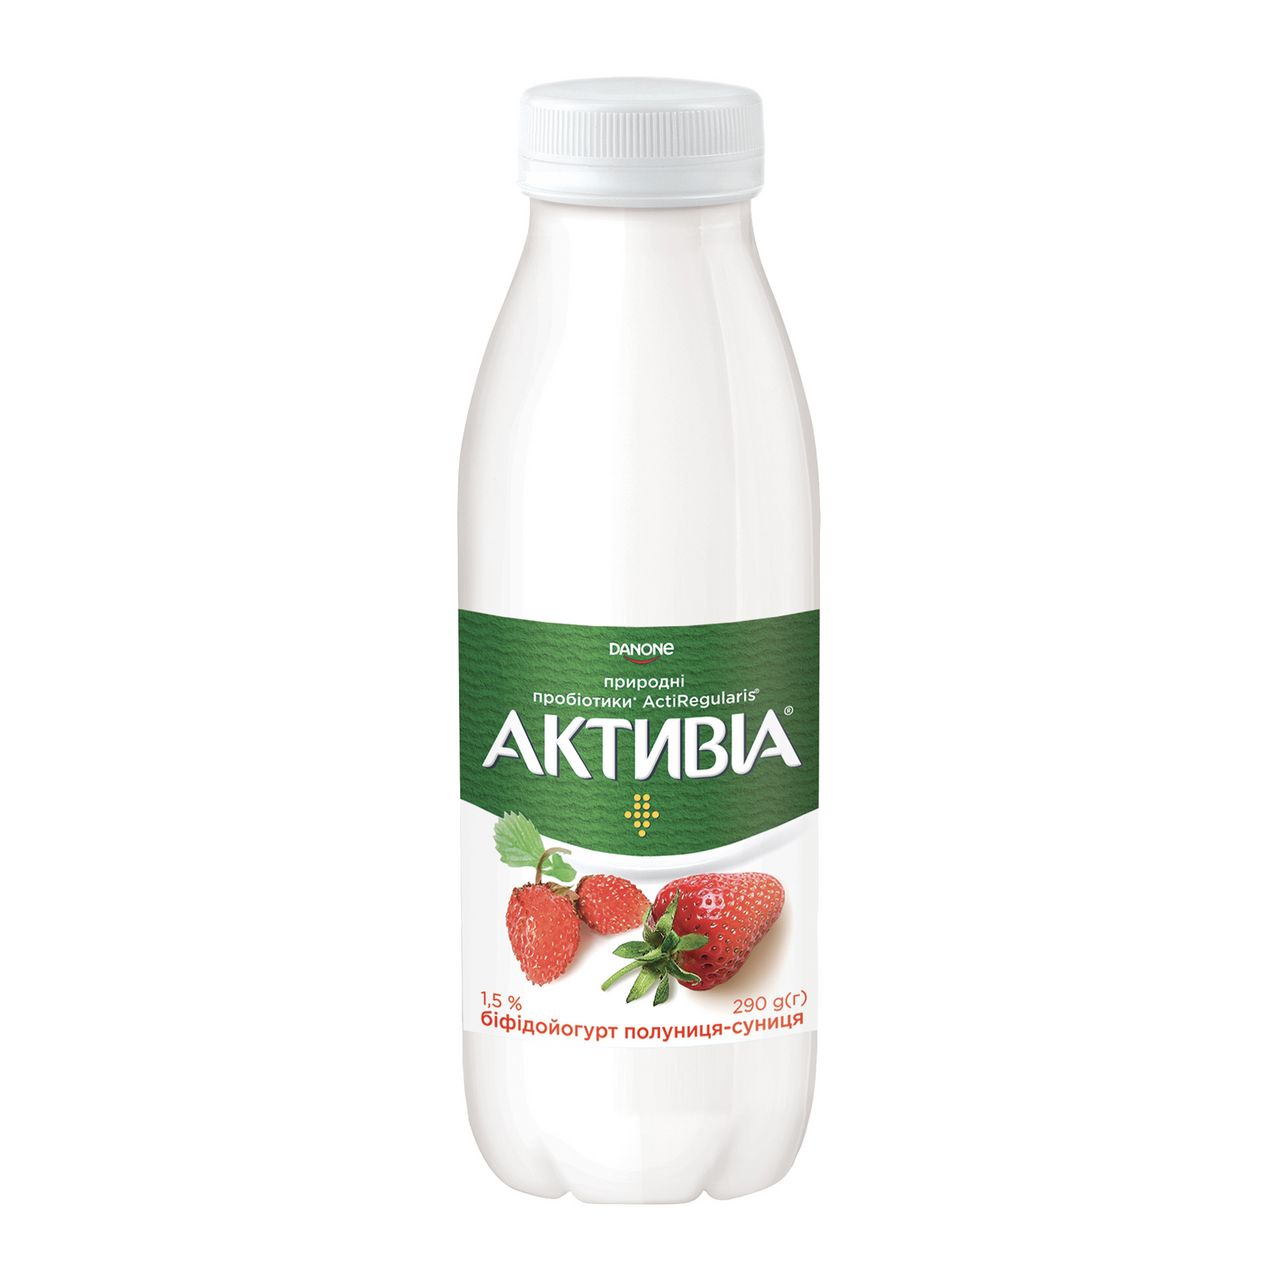 Біфідойогурт Активіа Полуниця-суниця 1.5% 290г